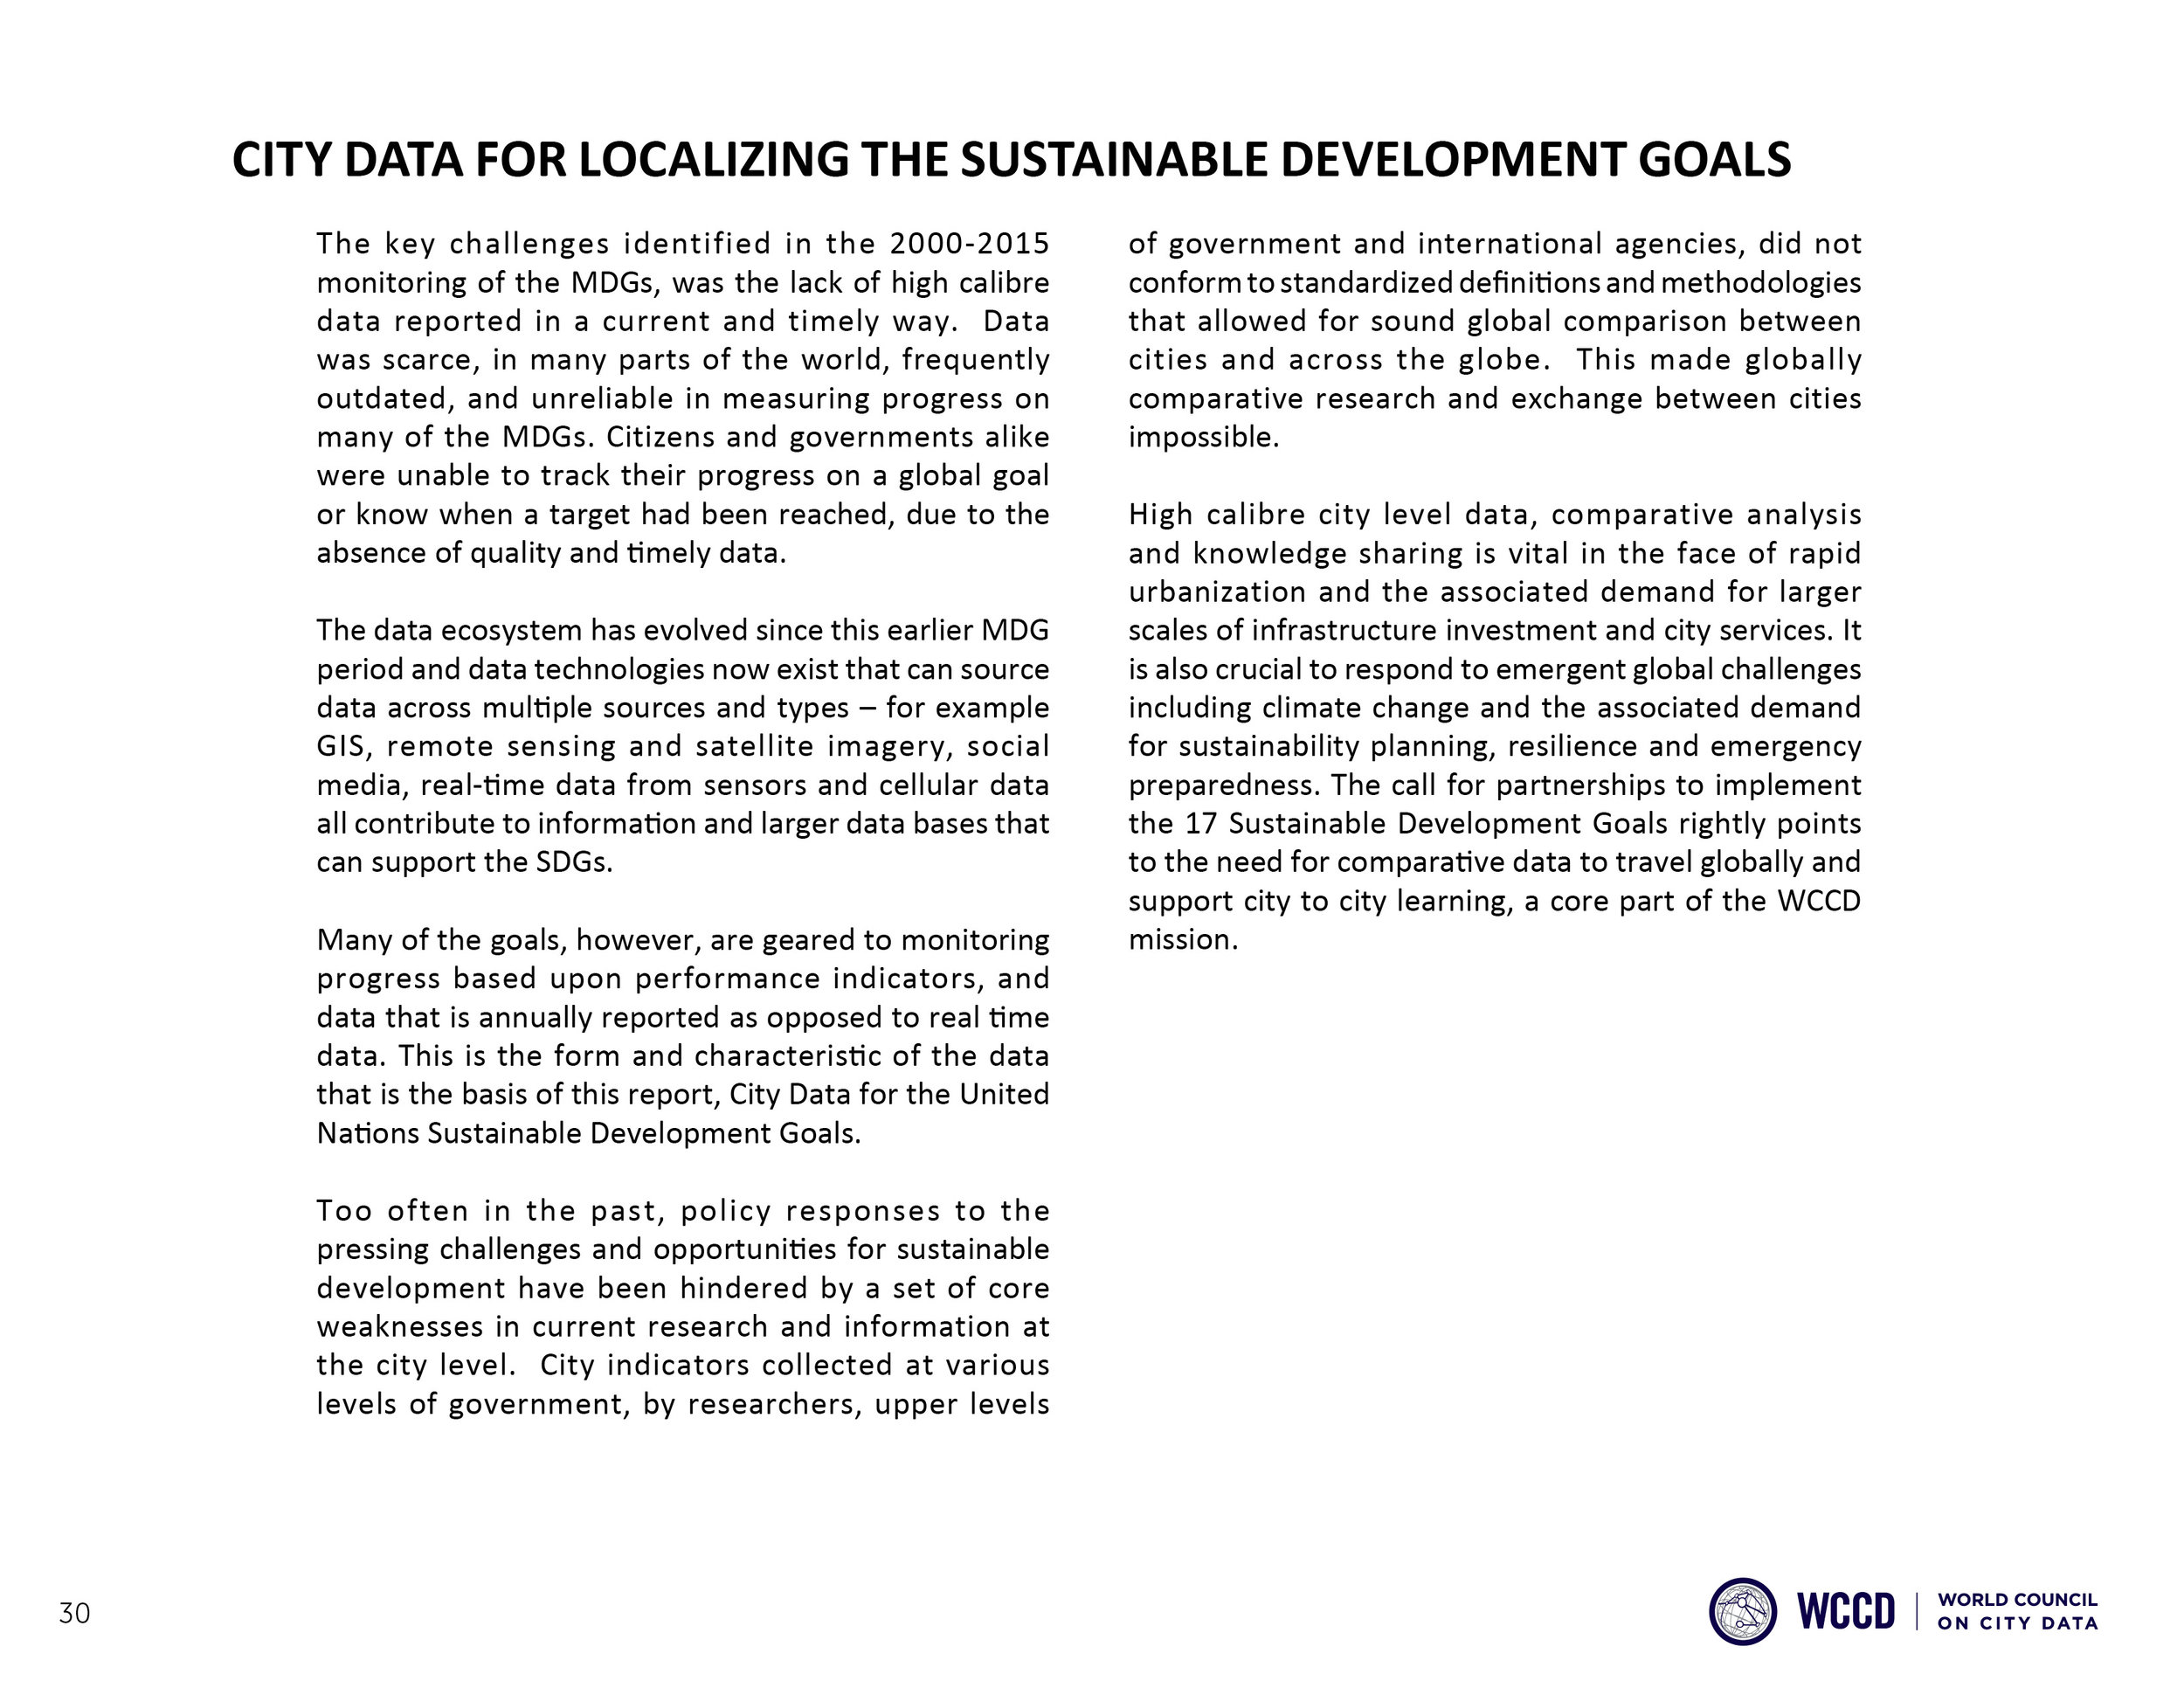 WCCD_SDG 2017 30.jpg